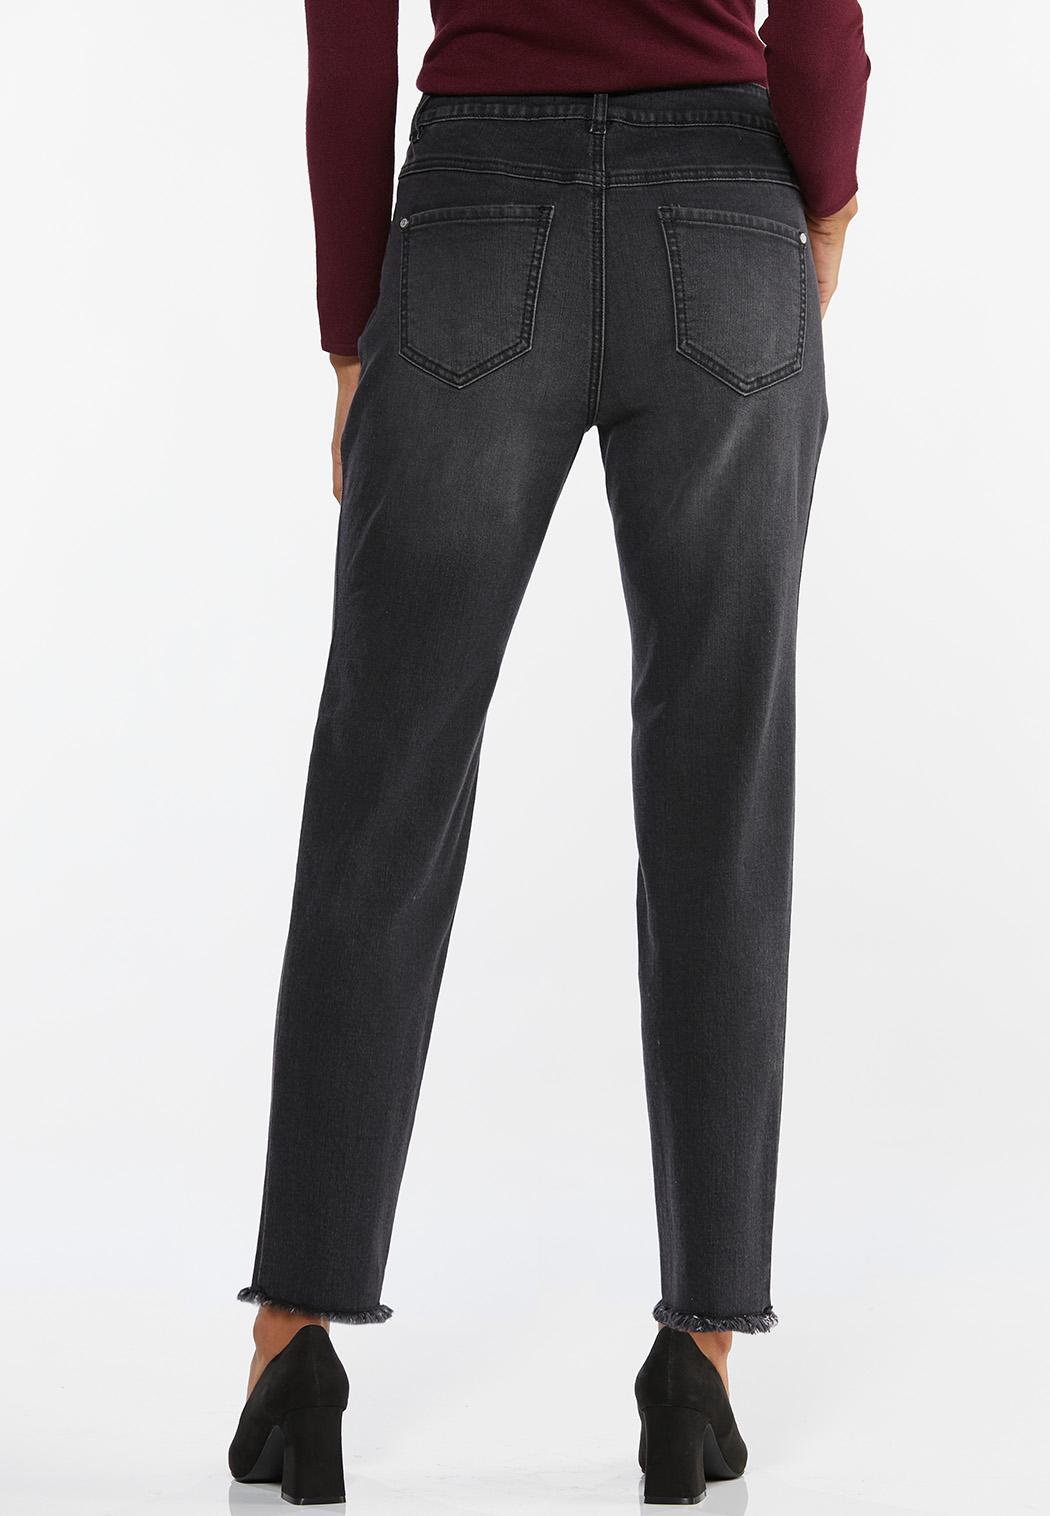 Black Skinny Ankle Jeans (Item #44464000)